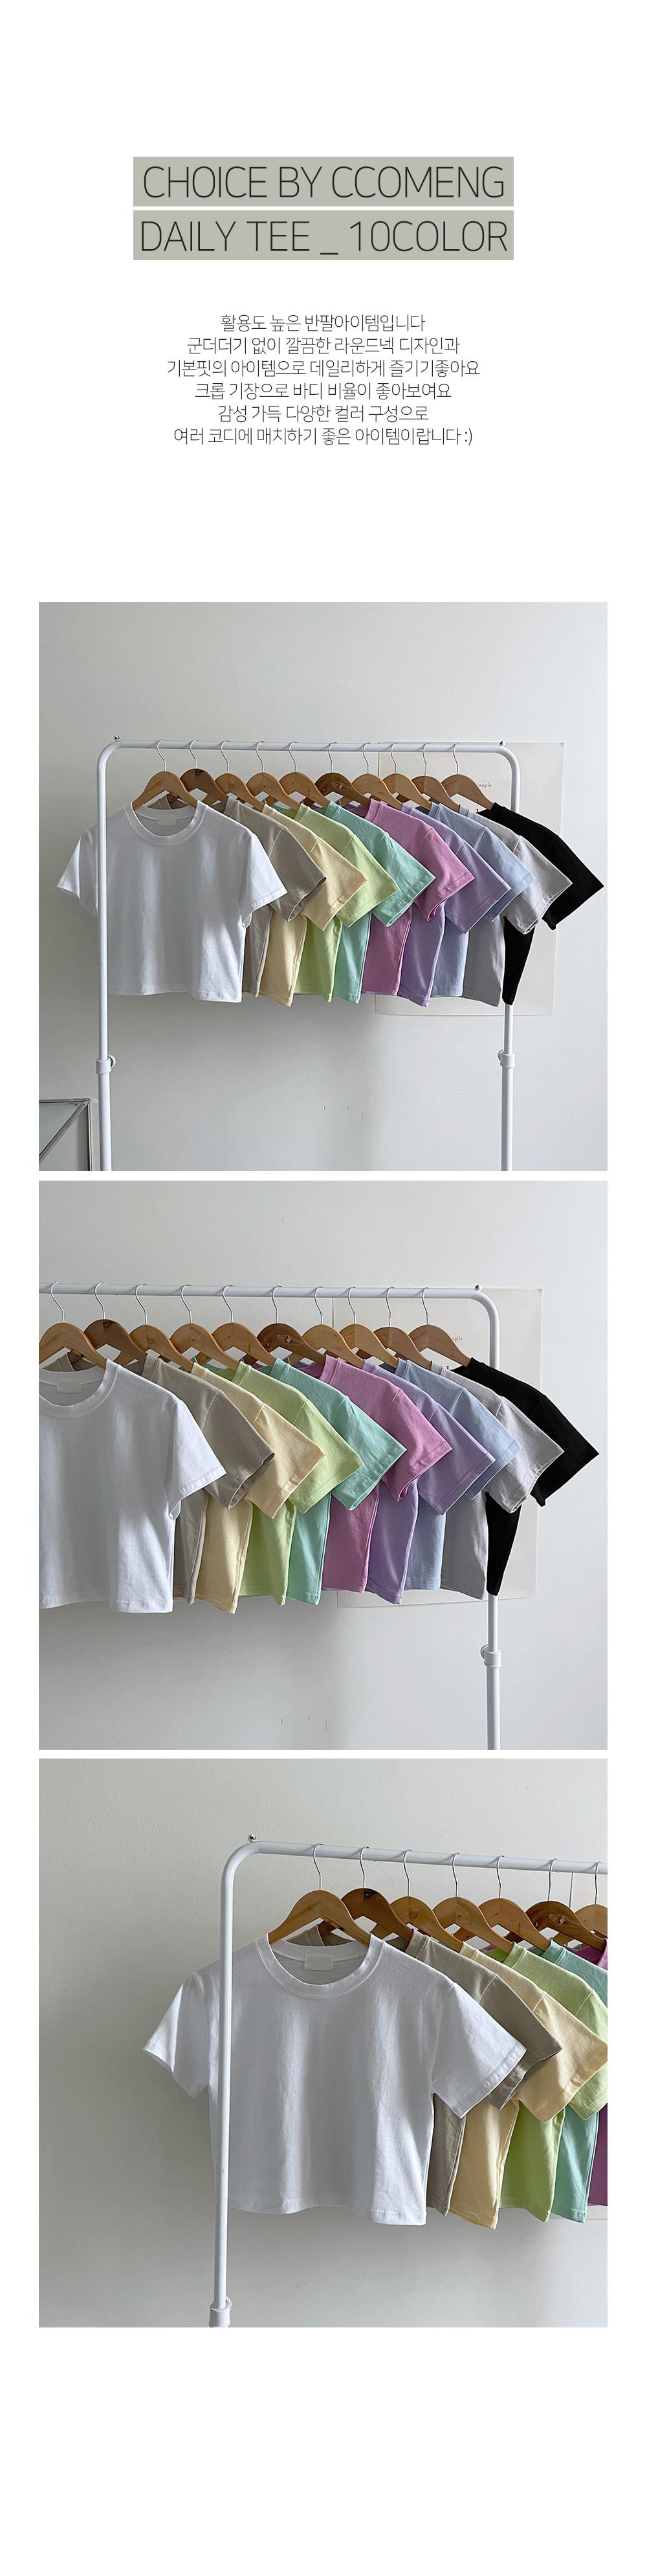 dress white color image-S1L4